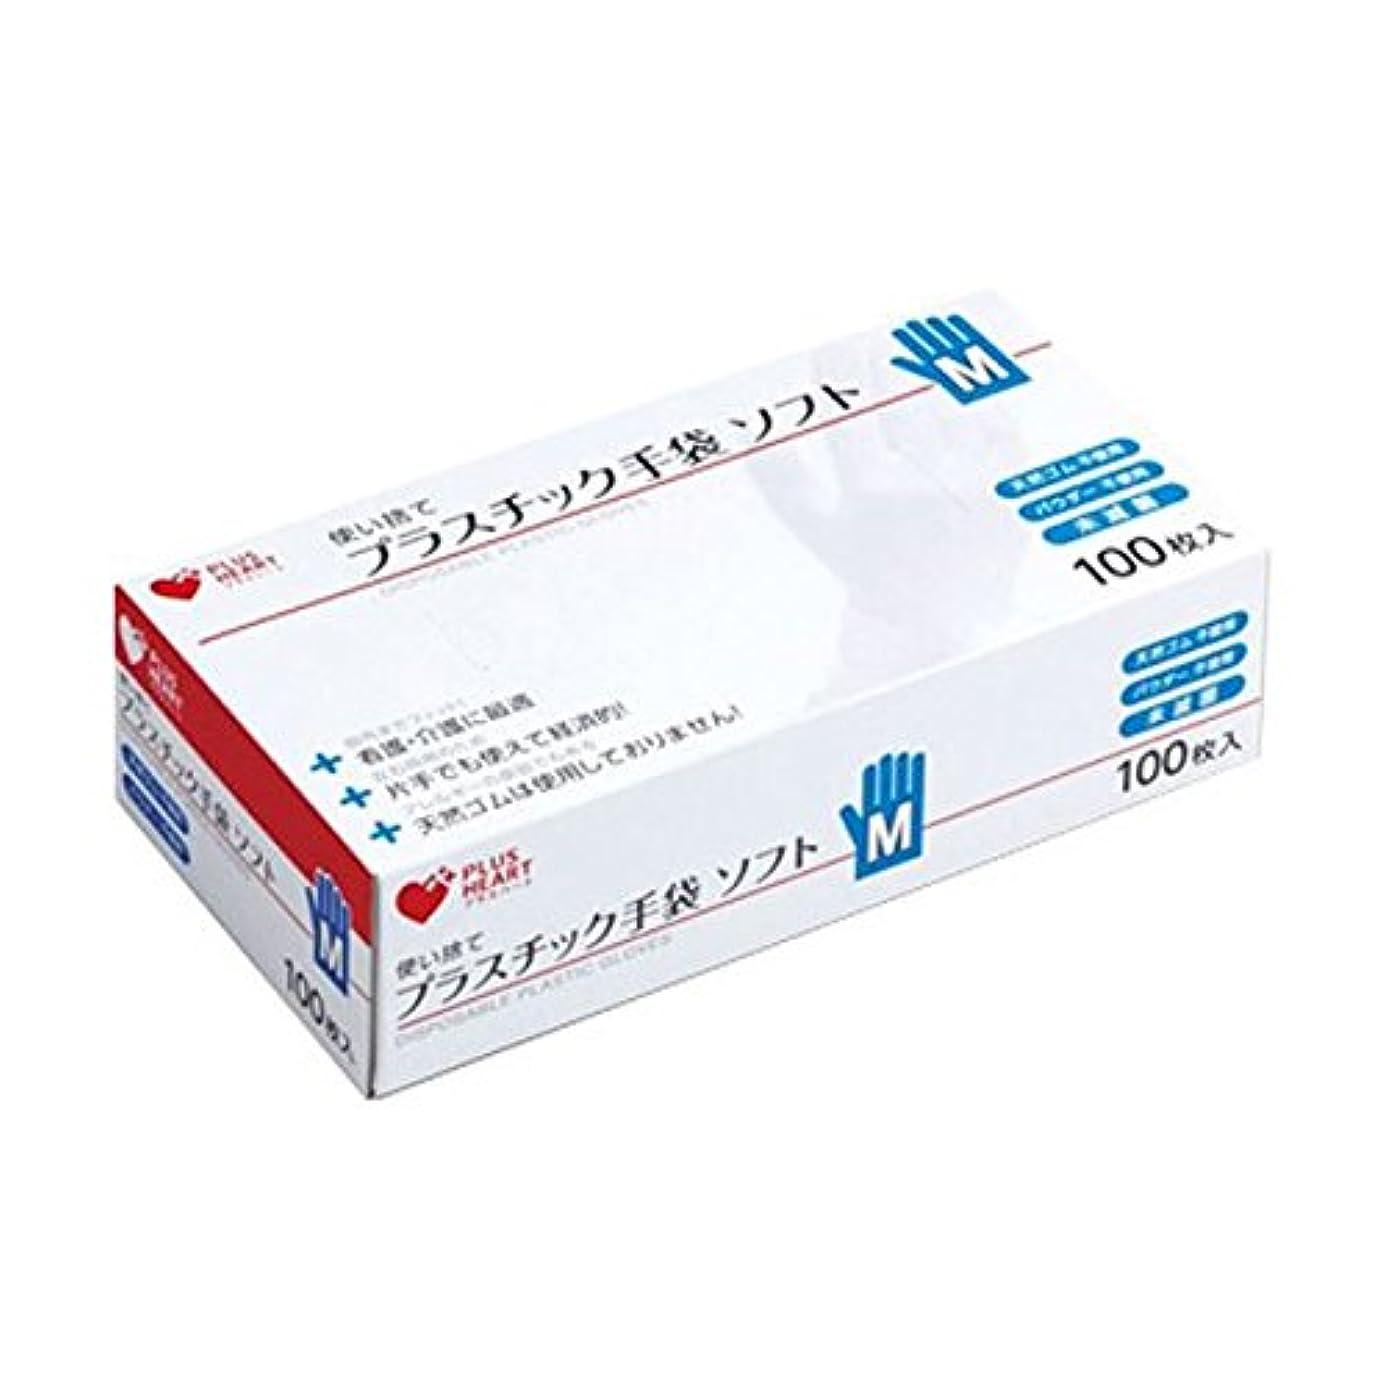 純粋に落ち着く伝統的【お徳用 2 セット】 プラスハート 使い捨てプラスチック手袋 ソフト Mサイズ 100枚入×2セット